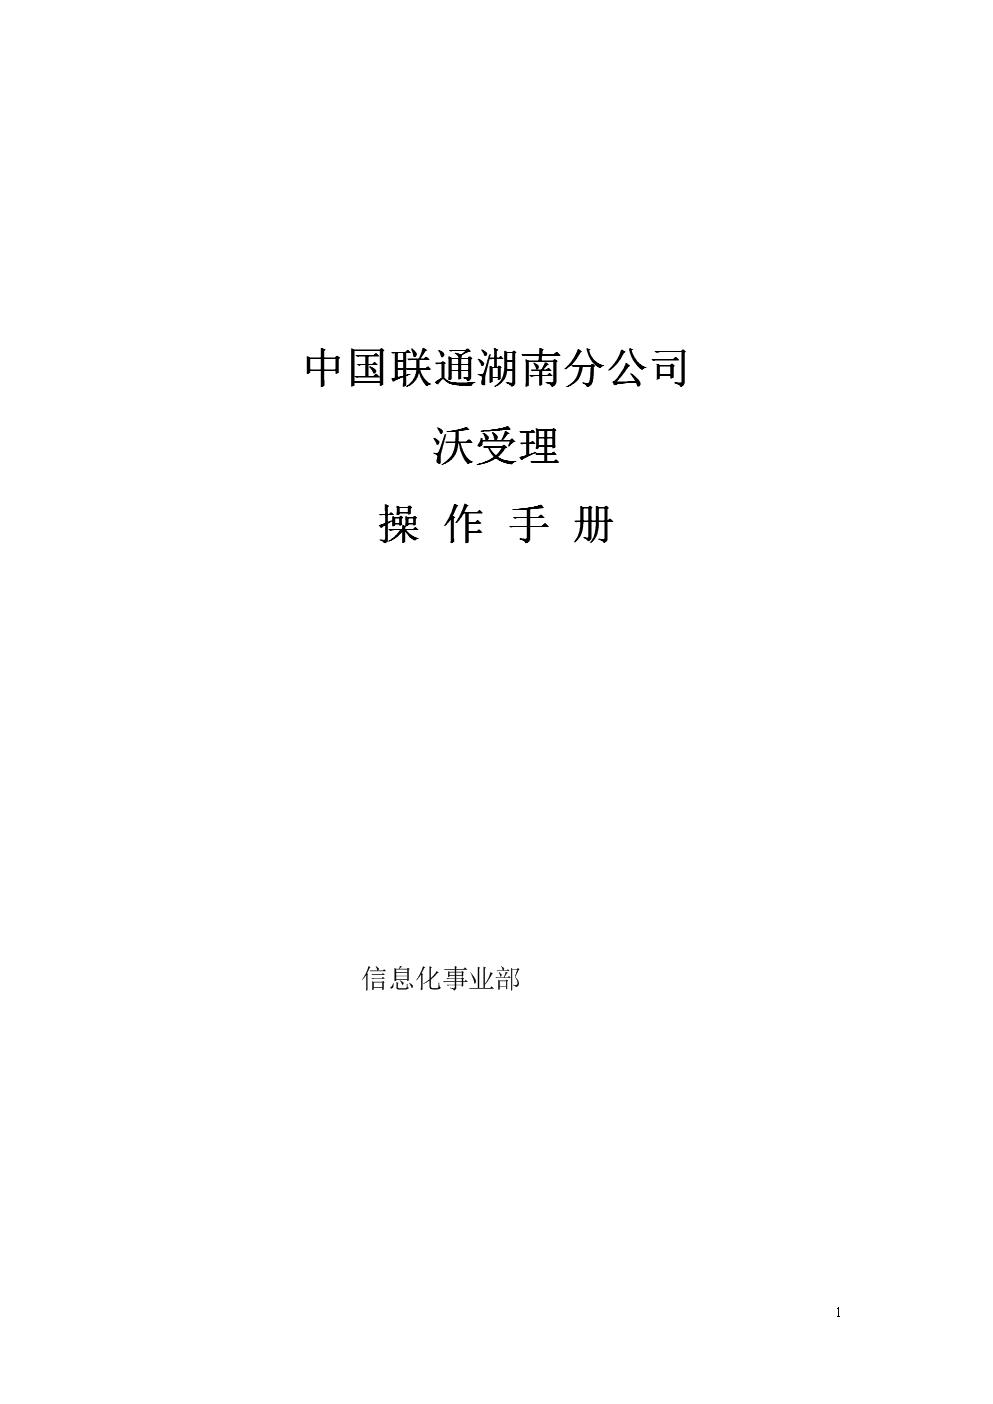 沃受理操作培训手册V3.0.doc